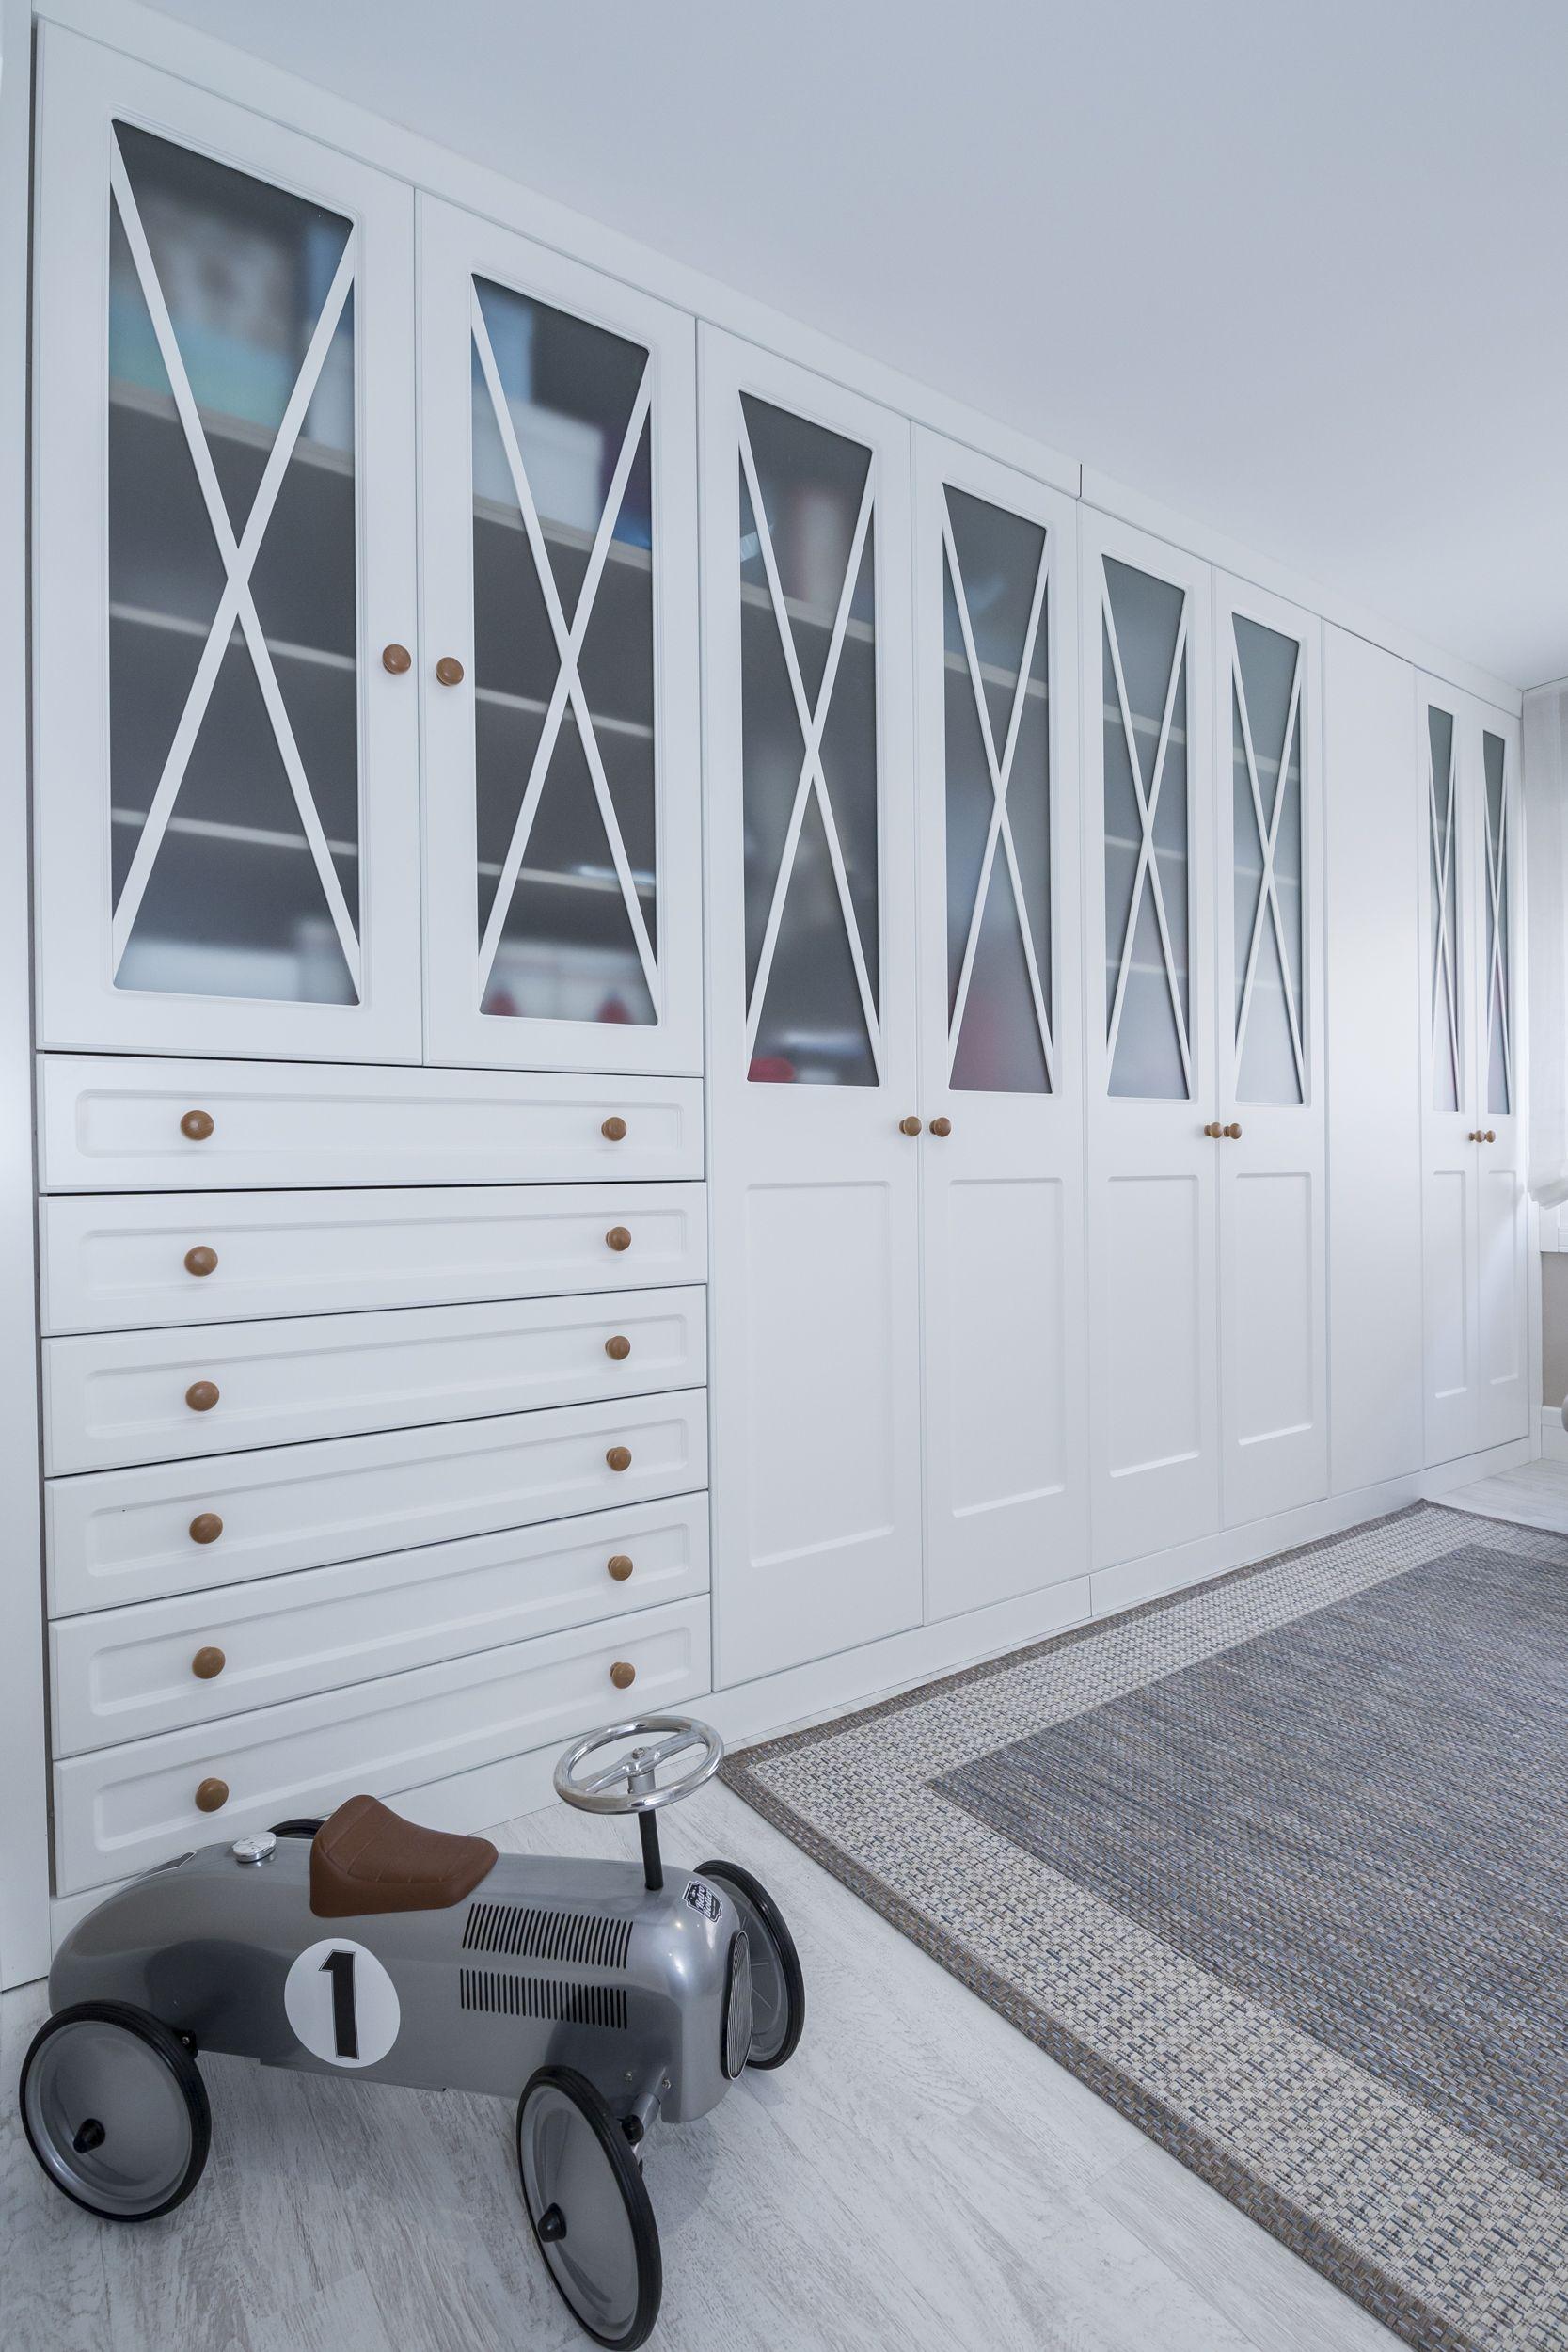 Instalación de armarios empotrados en habitación